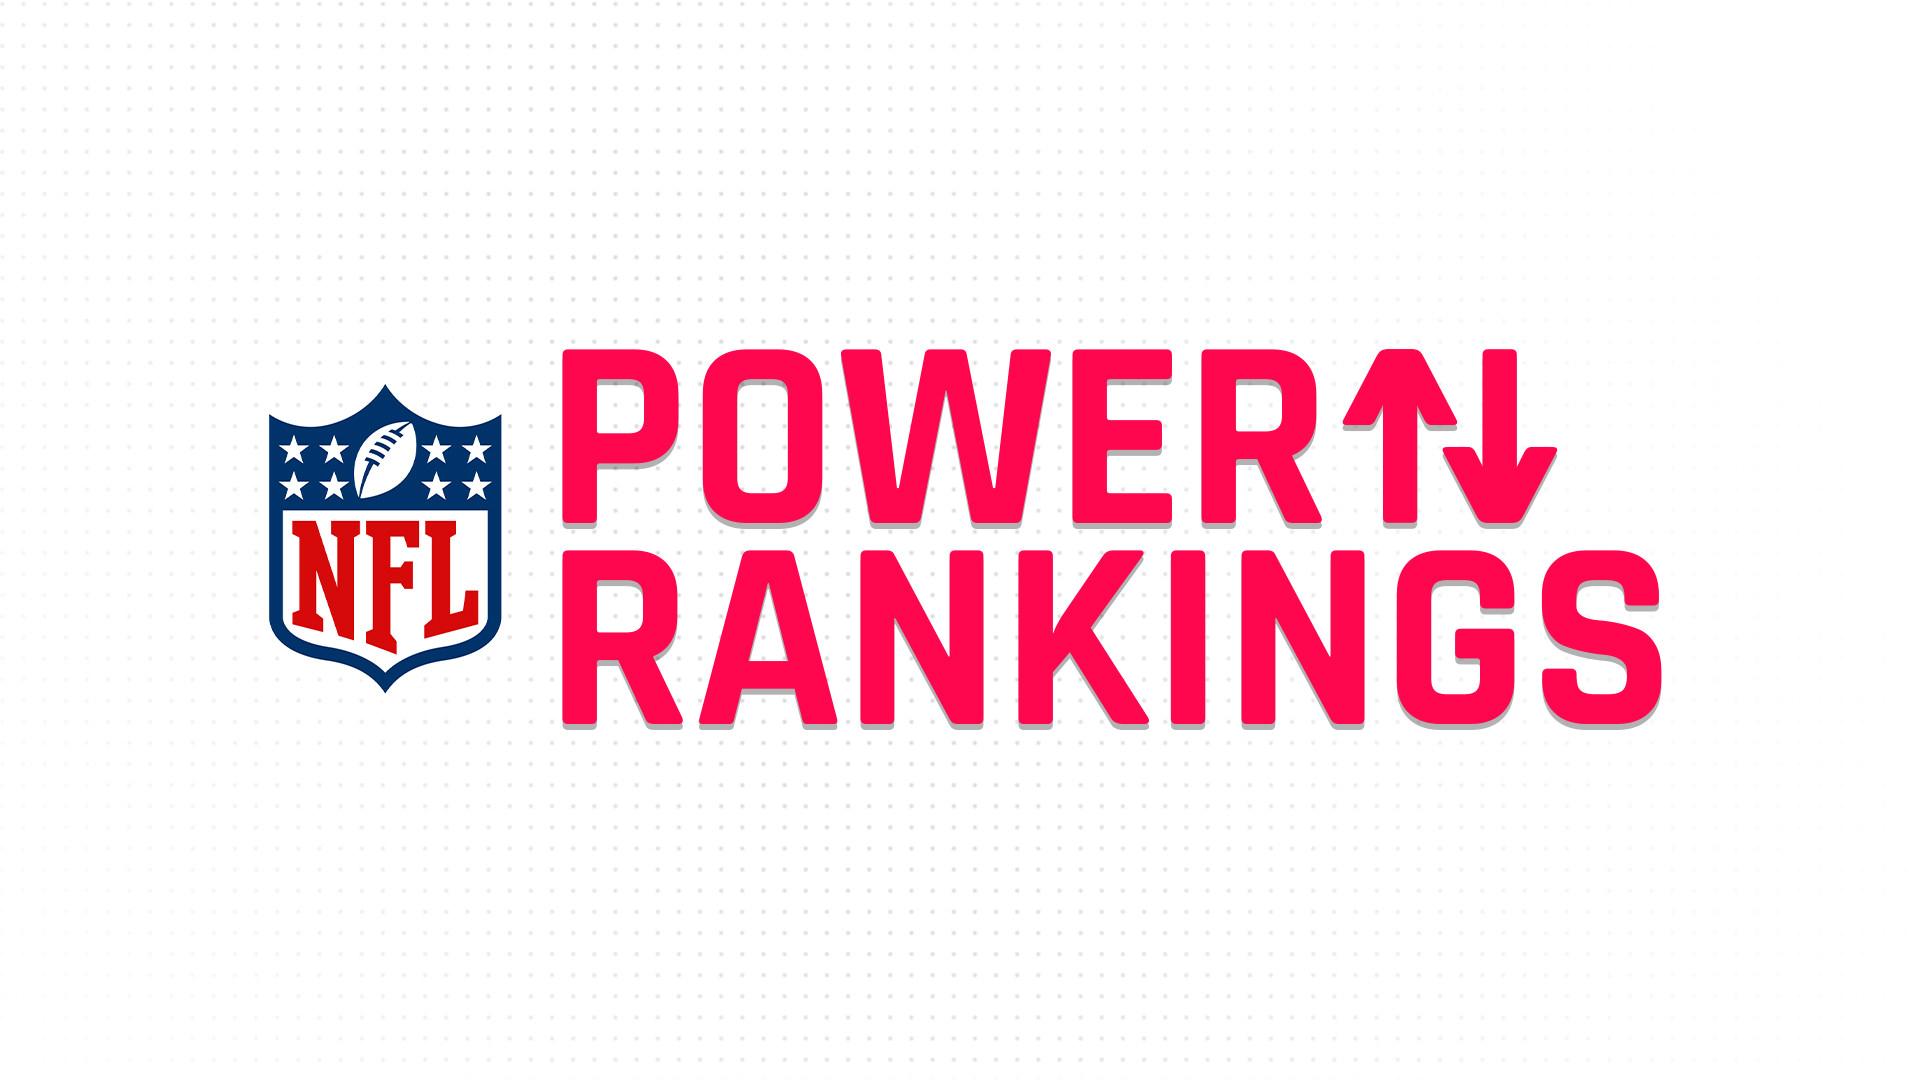 Classificações de poder da NFL: Ravens, Seahawks em queda livre;  Os cardeais de Kyler Murray entram no top 10 da semana 11